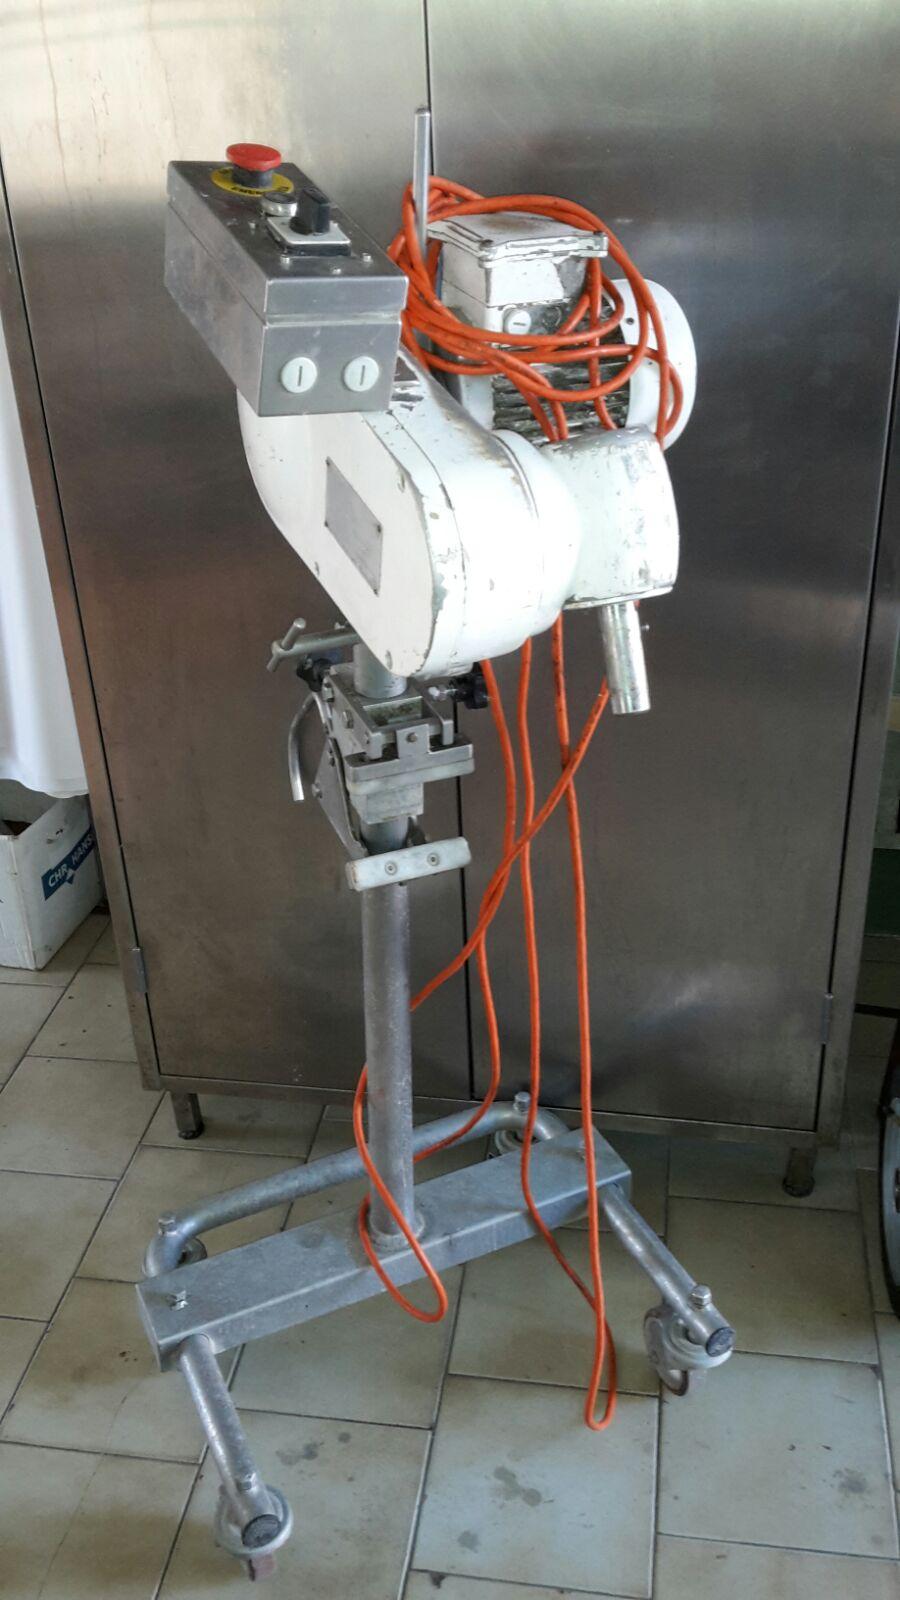 N.1110 AGITATORE CAVECCHI MOBILE SU CARRELLO PER SPINO ELETTRICO USATO